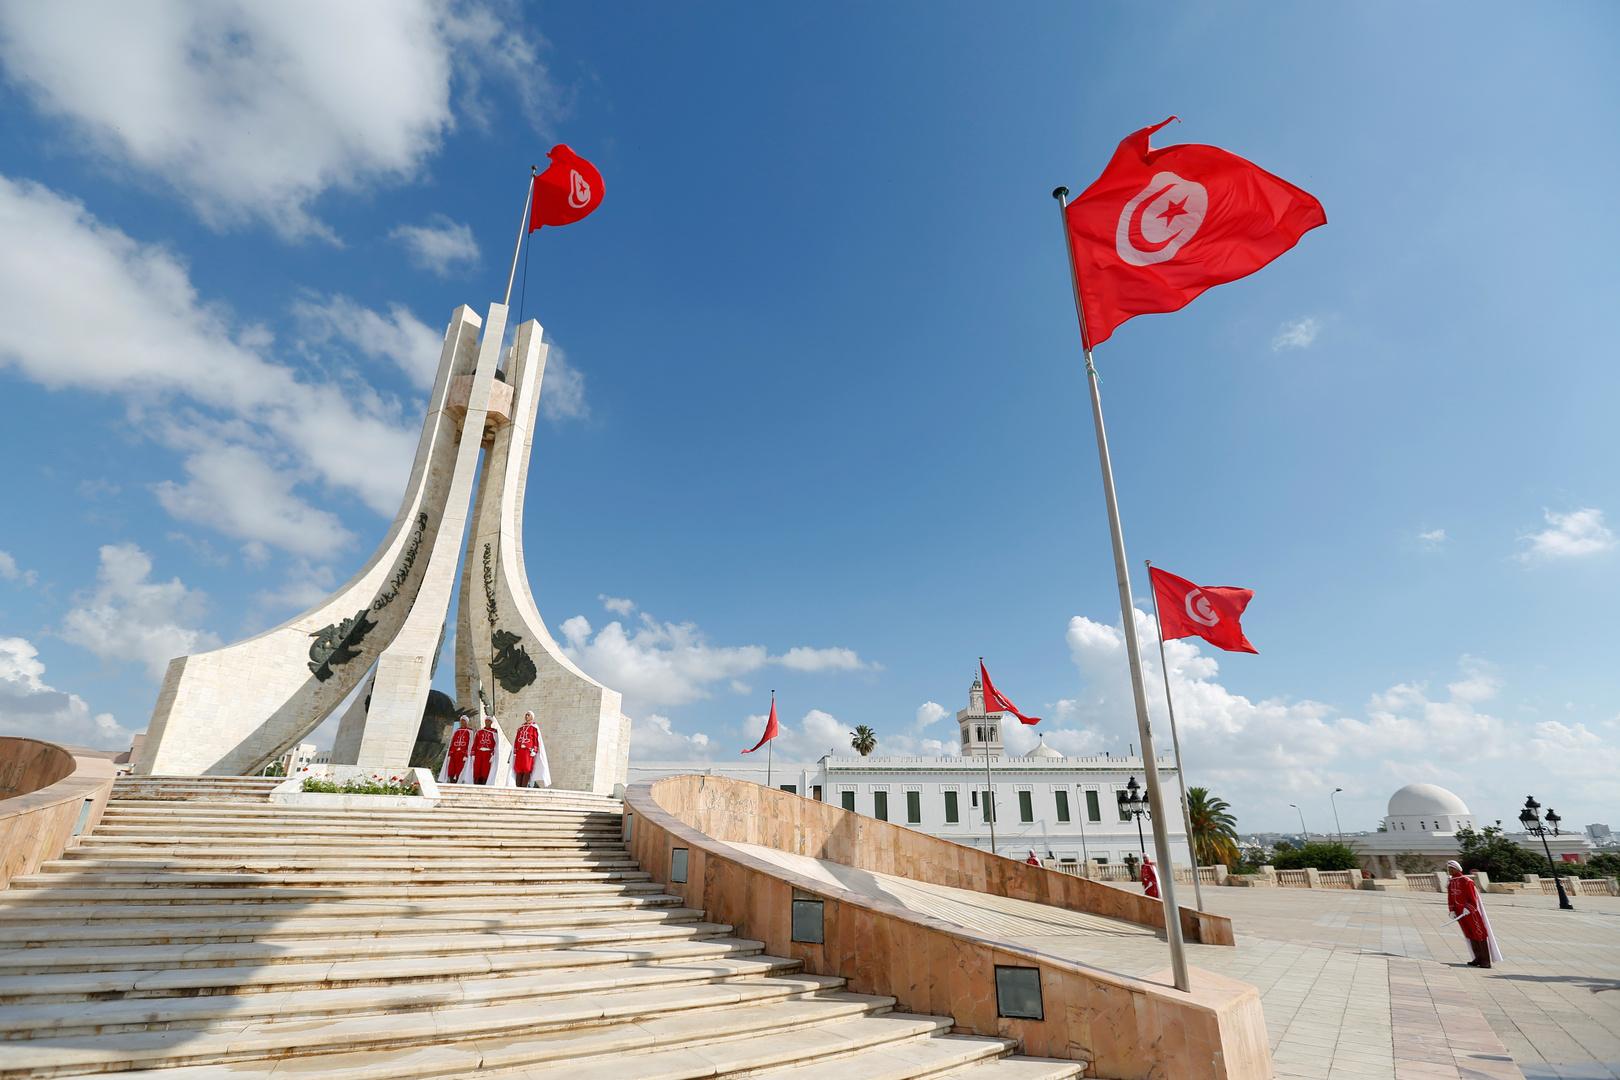 كشف شبكة لتزوير تحاليل كورونا وبيعها للمسافرين في تونس